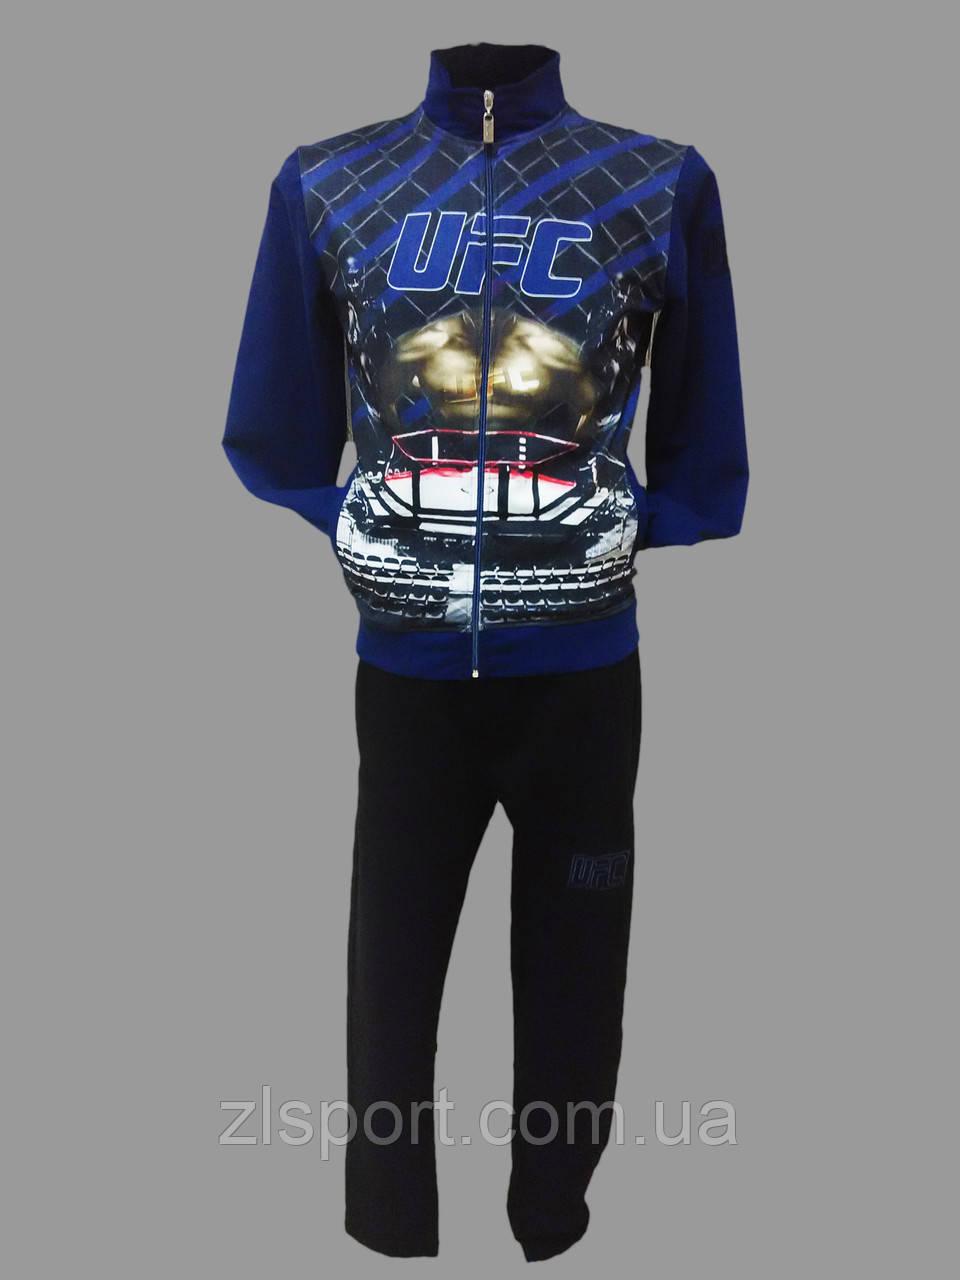 Купить Одежду Ufc